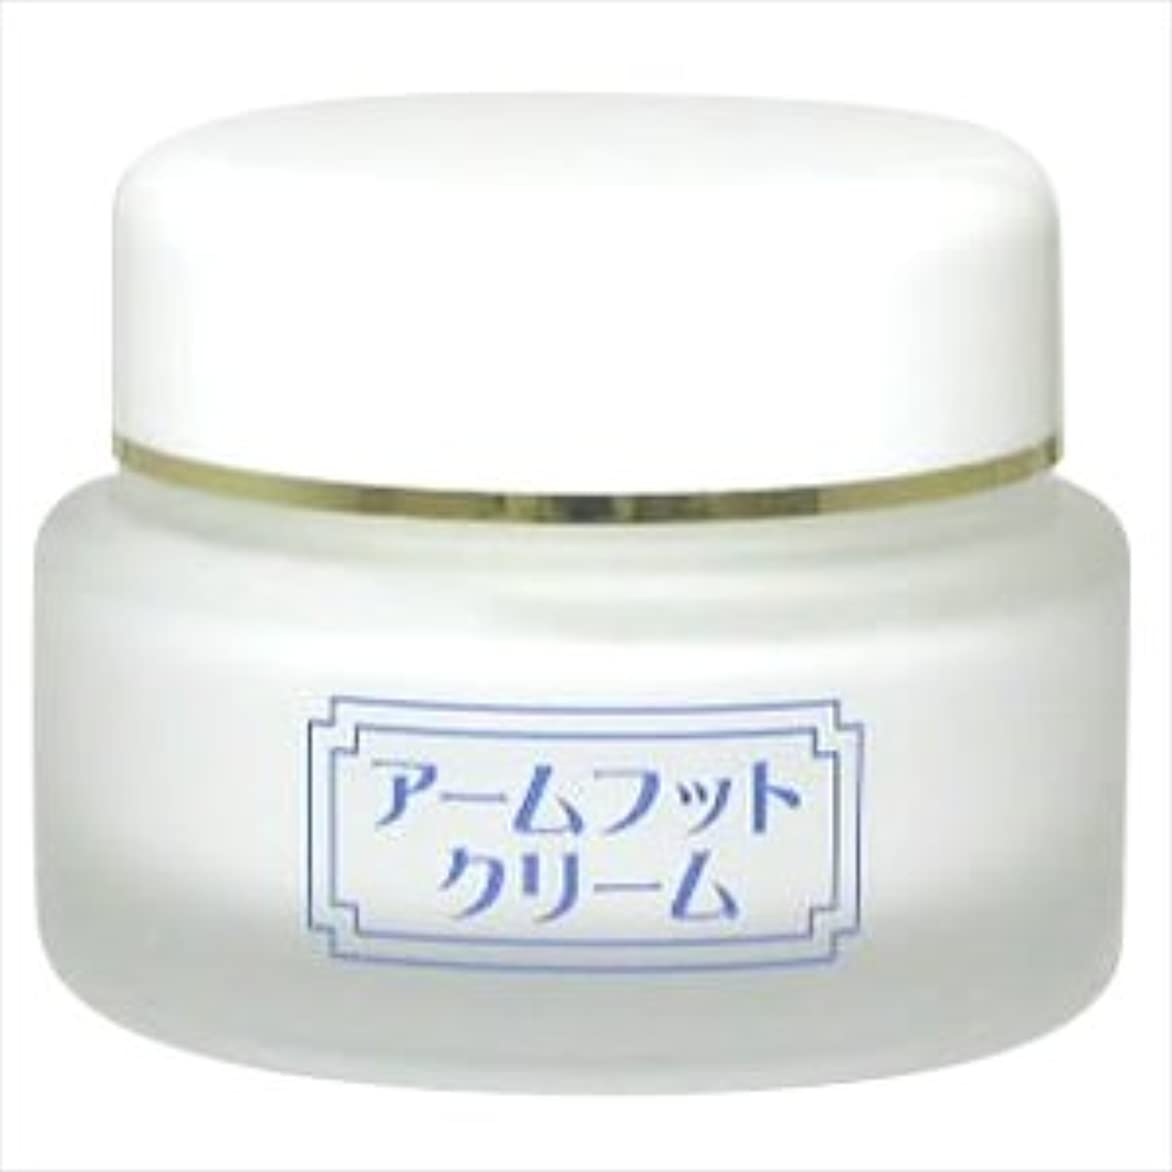 編集者彼女はくしゃくしゃ薬用デオドラントクリーム アームフットクリーム(20g) (1個)